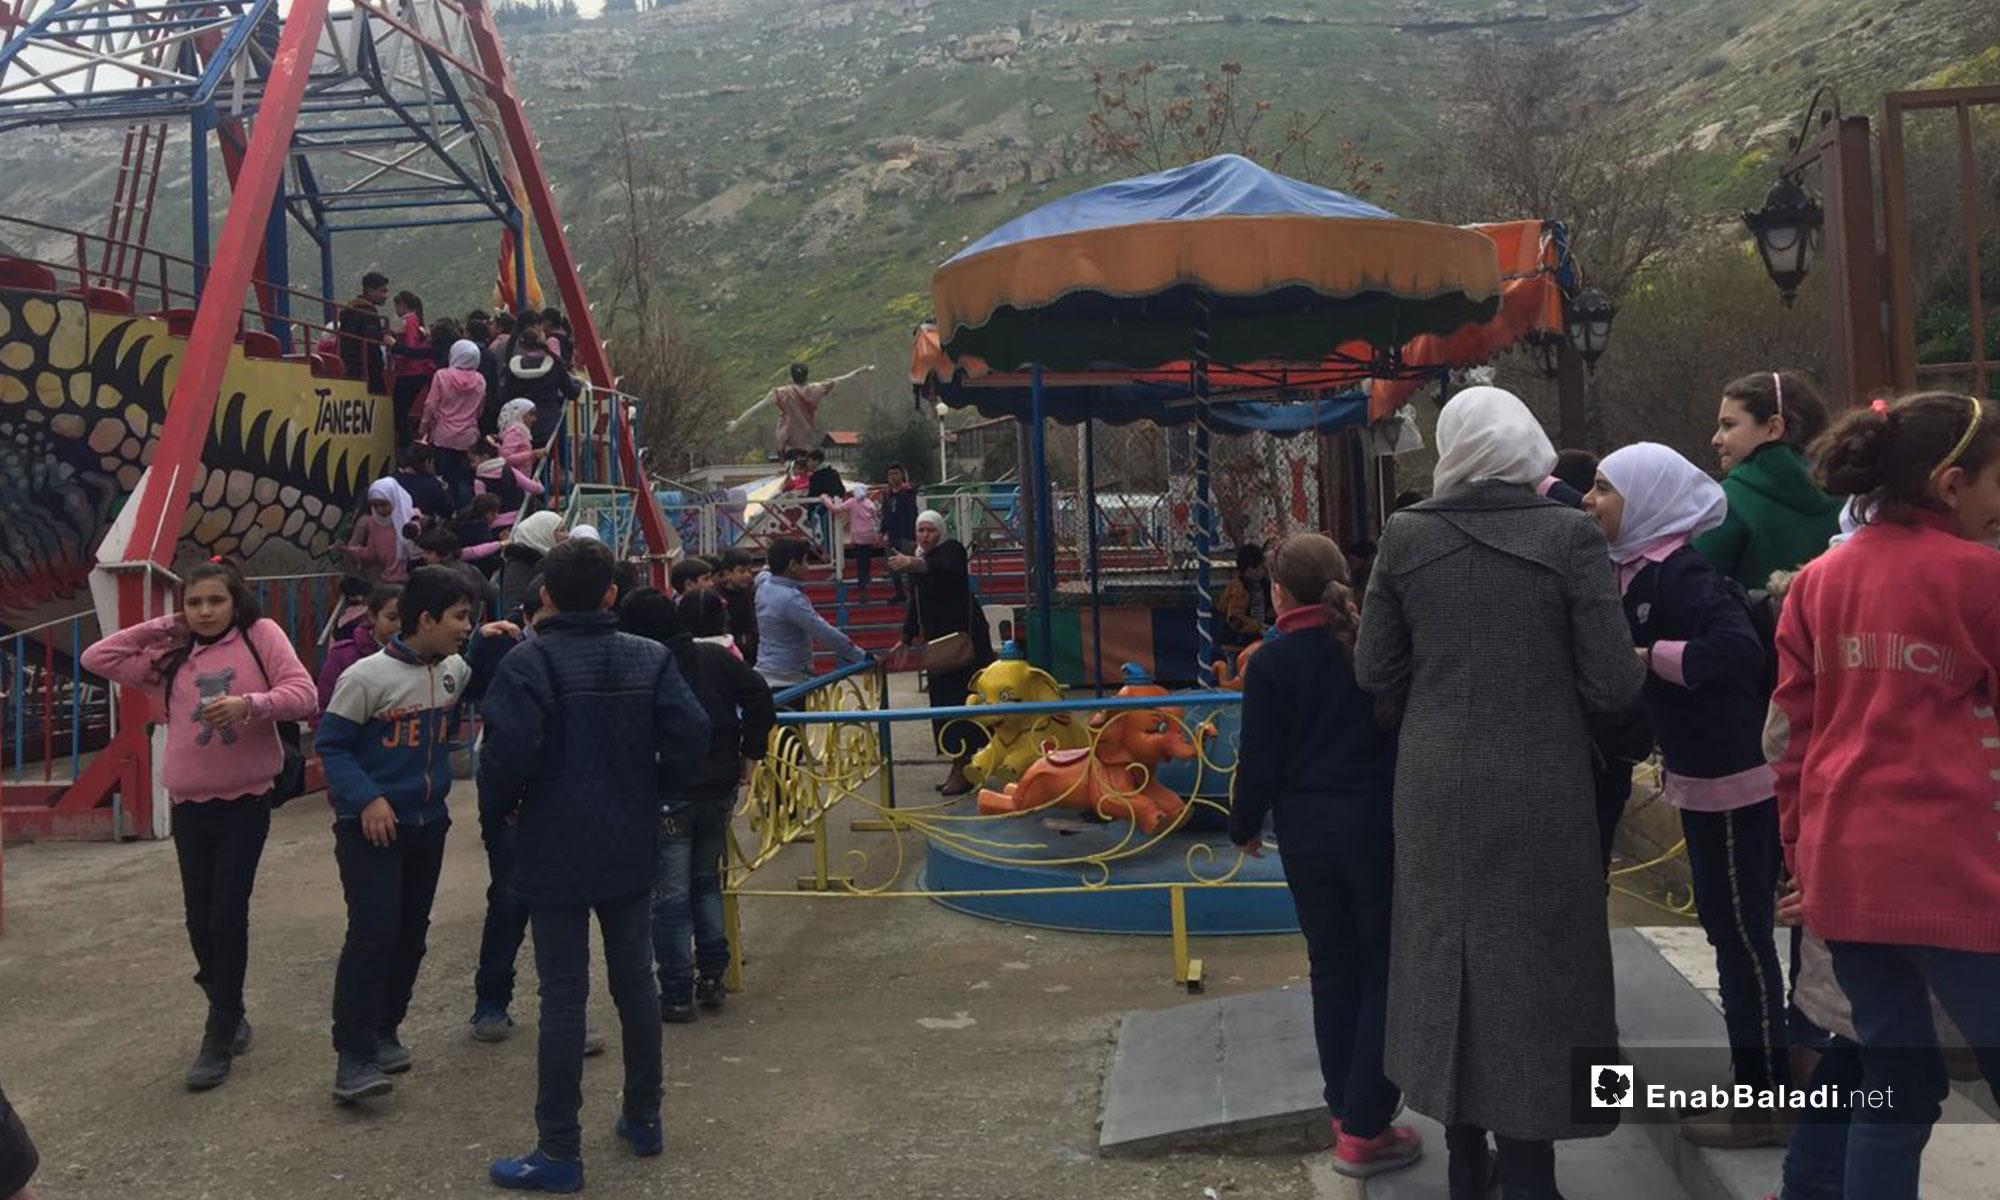 School trips to the al-Rabweh area in Damascus- 21 February, 2019 (Enab Baladi)